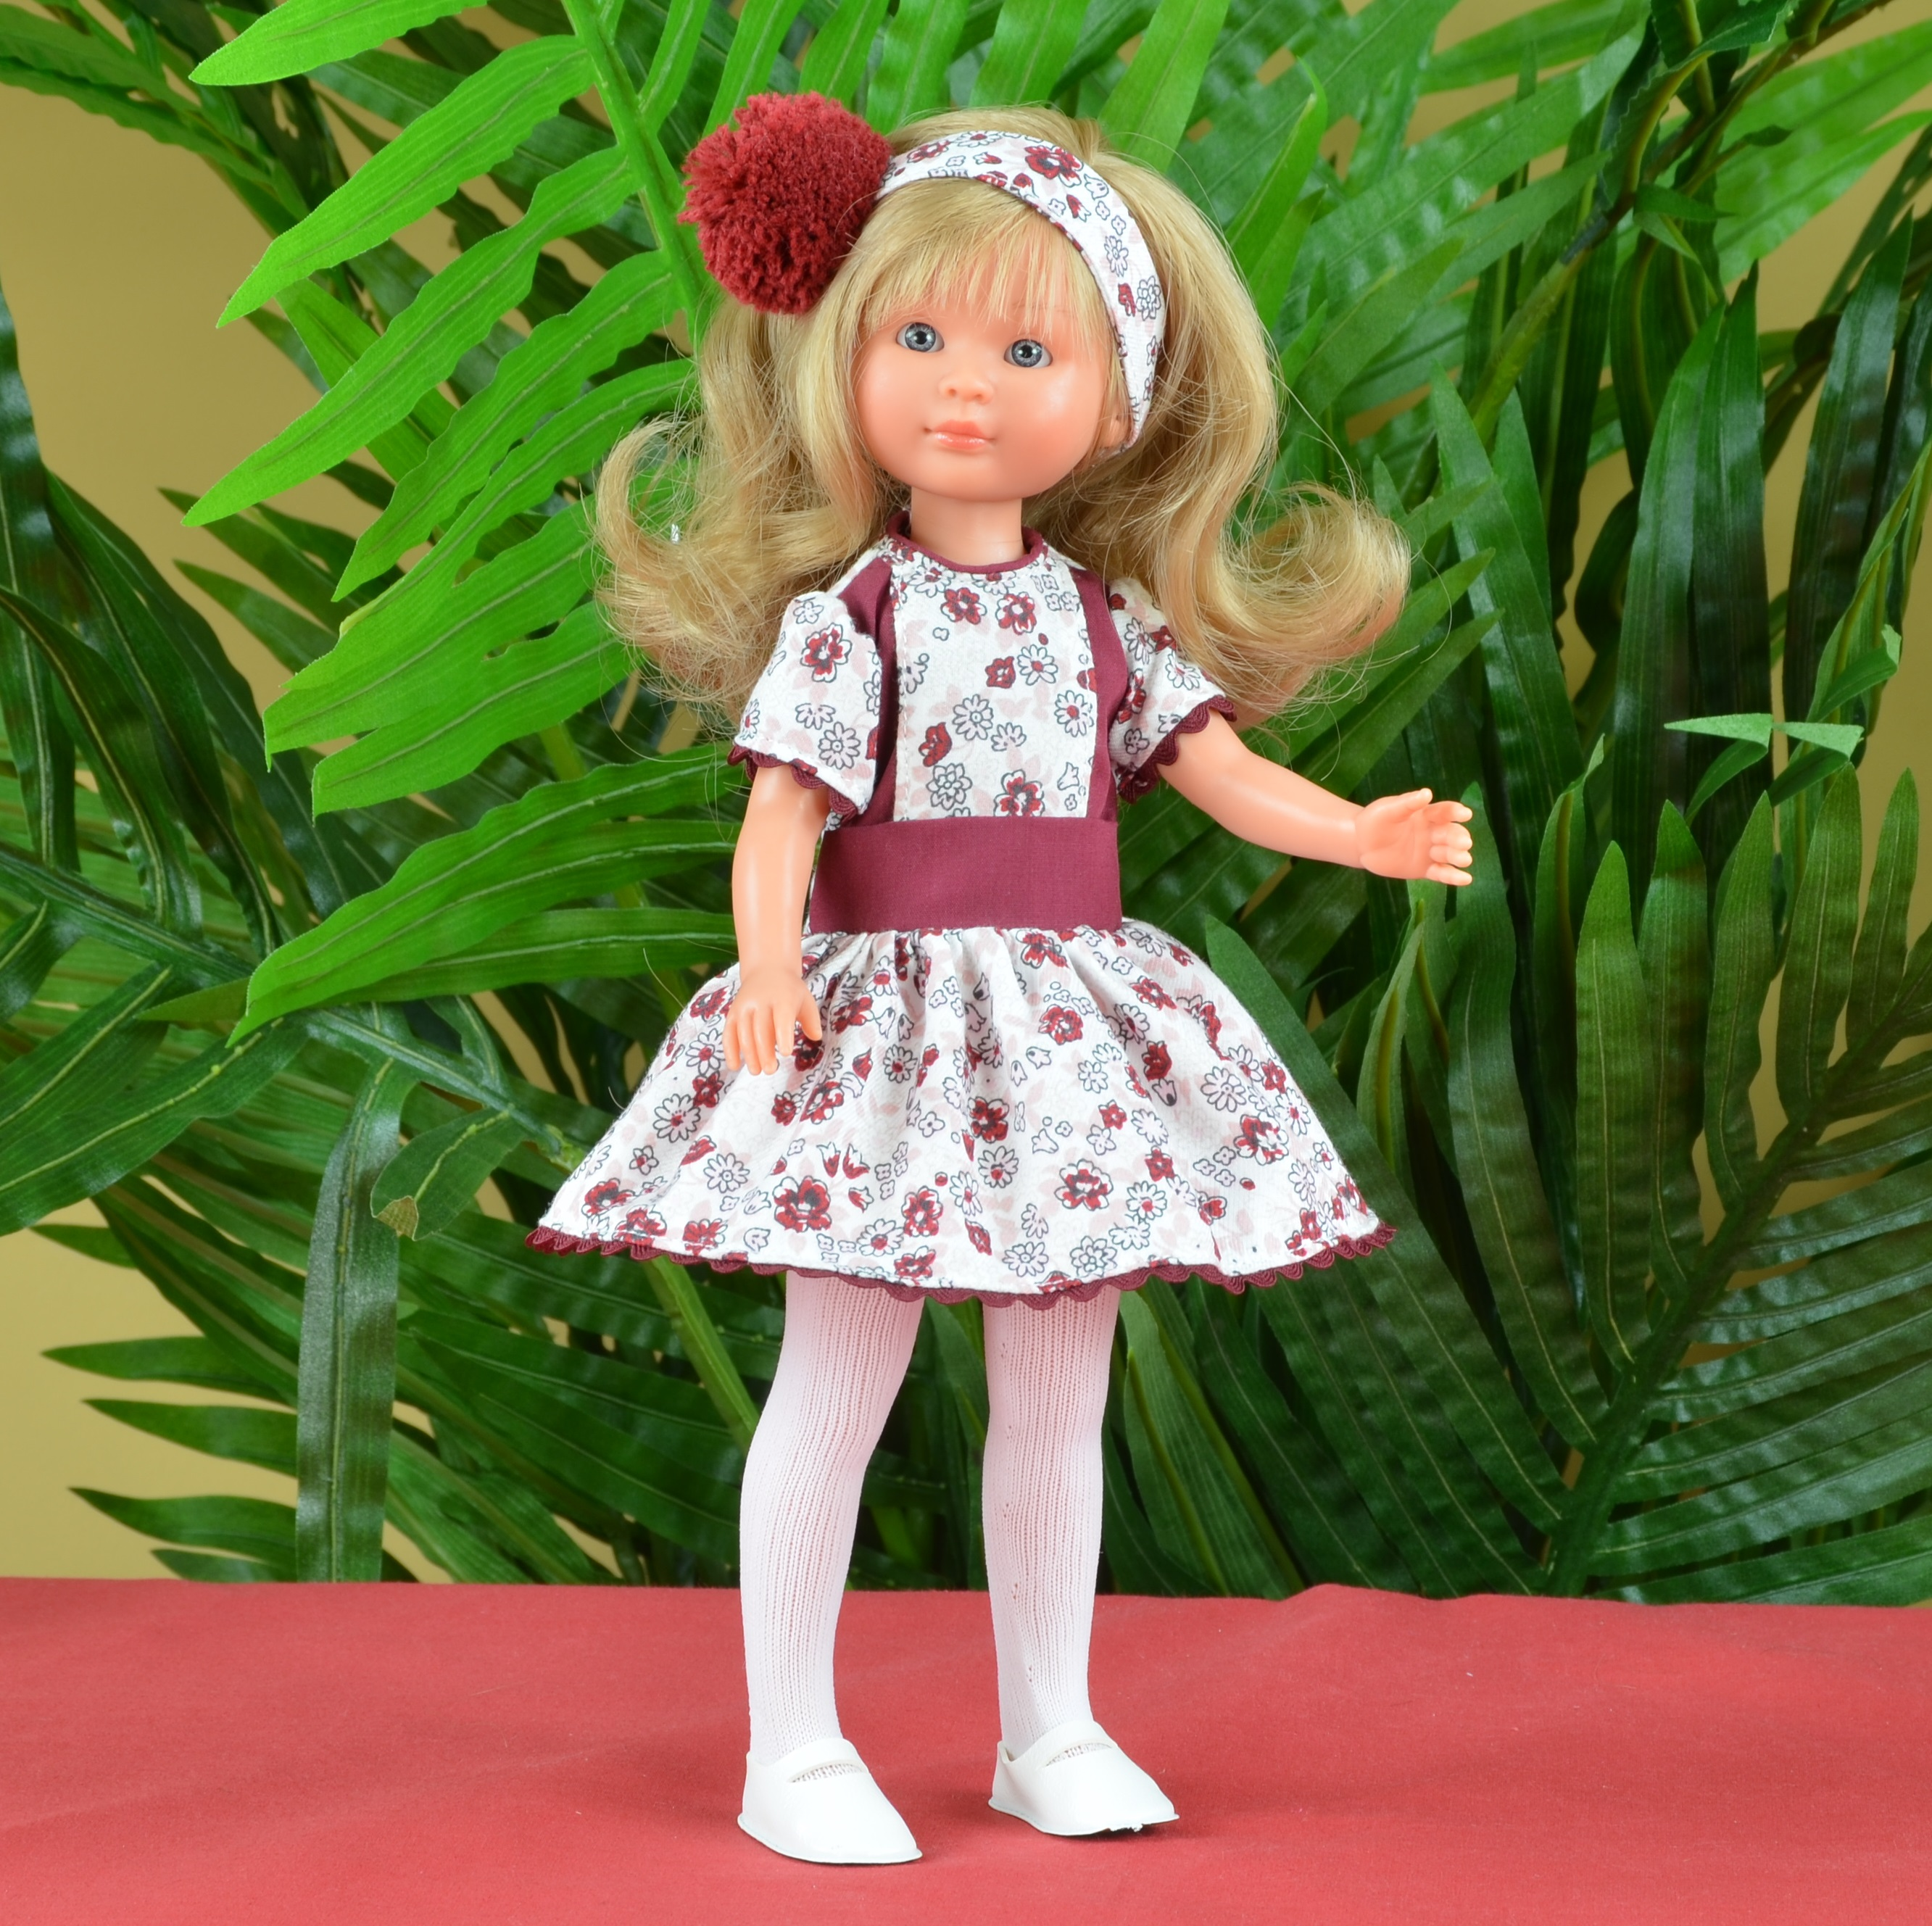 Кукла Селия в бордовом платье, 30 см.Куклы ASI (Испания)<br>Кукла Селия в бордовом платье, 30 см.<br>